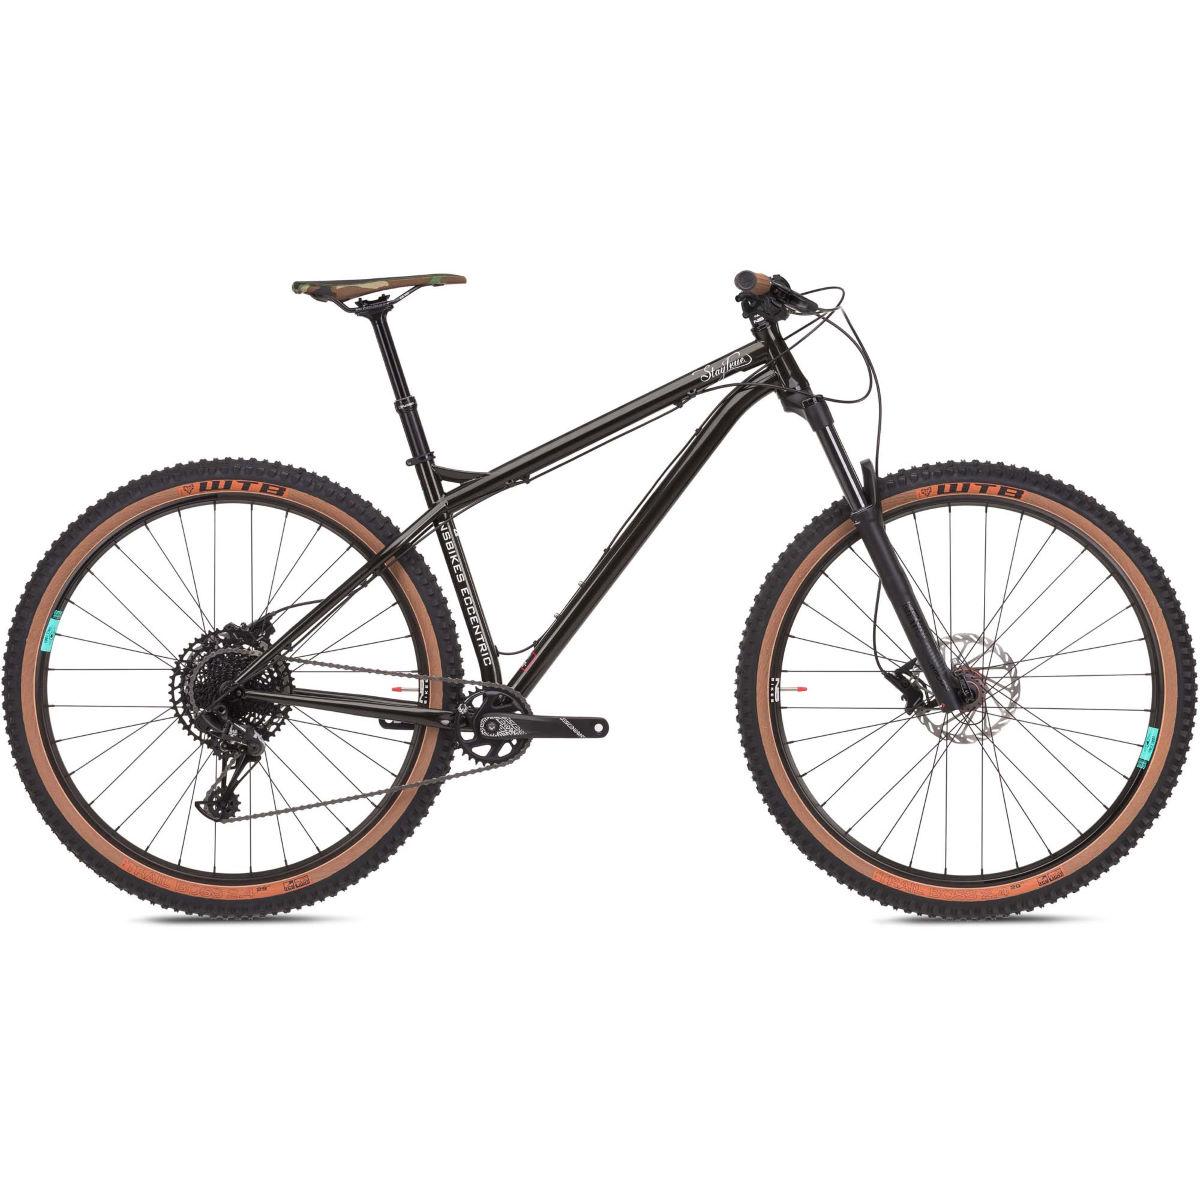 NS Bikes Eccentric Cromo 2020